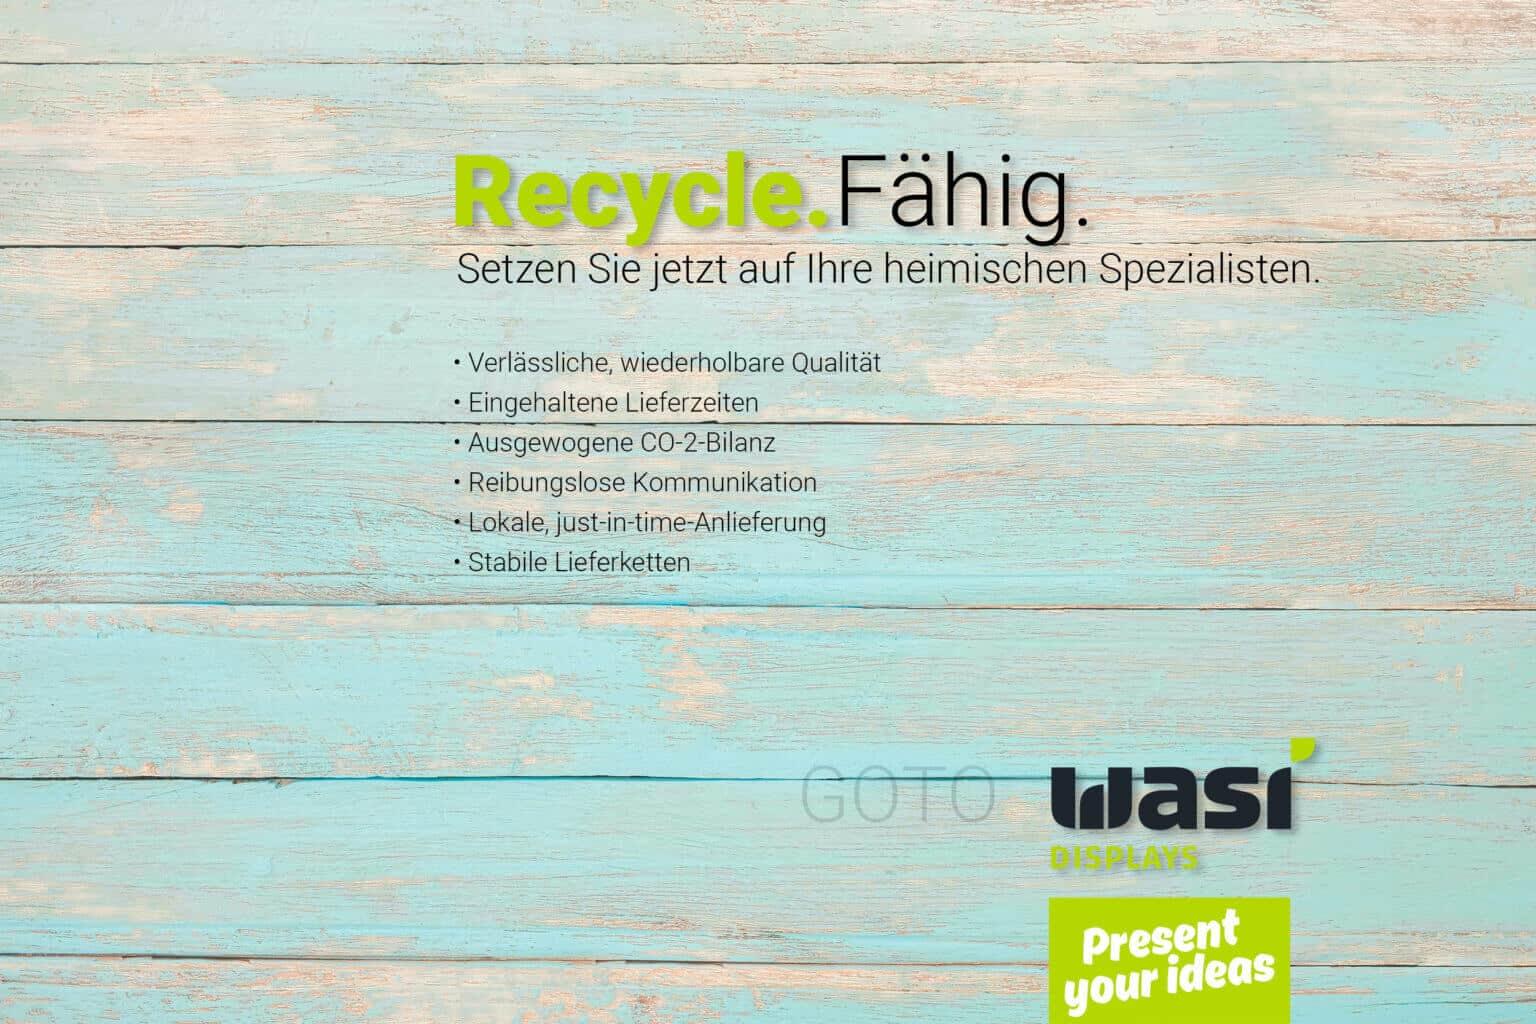 Slider zur Recyclefähigkeit von Warendisplays deutscher Displayhersteller